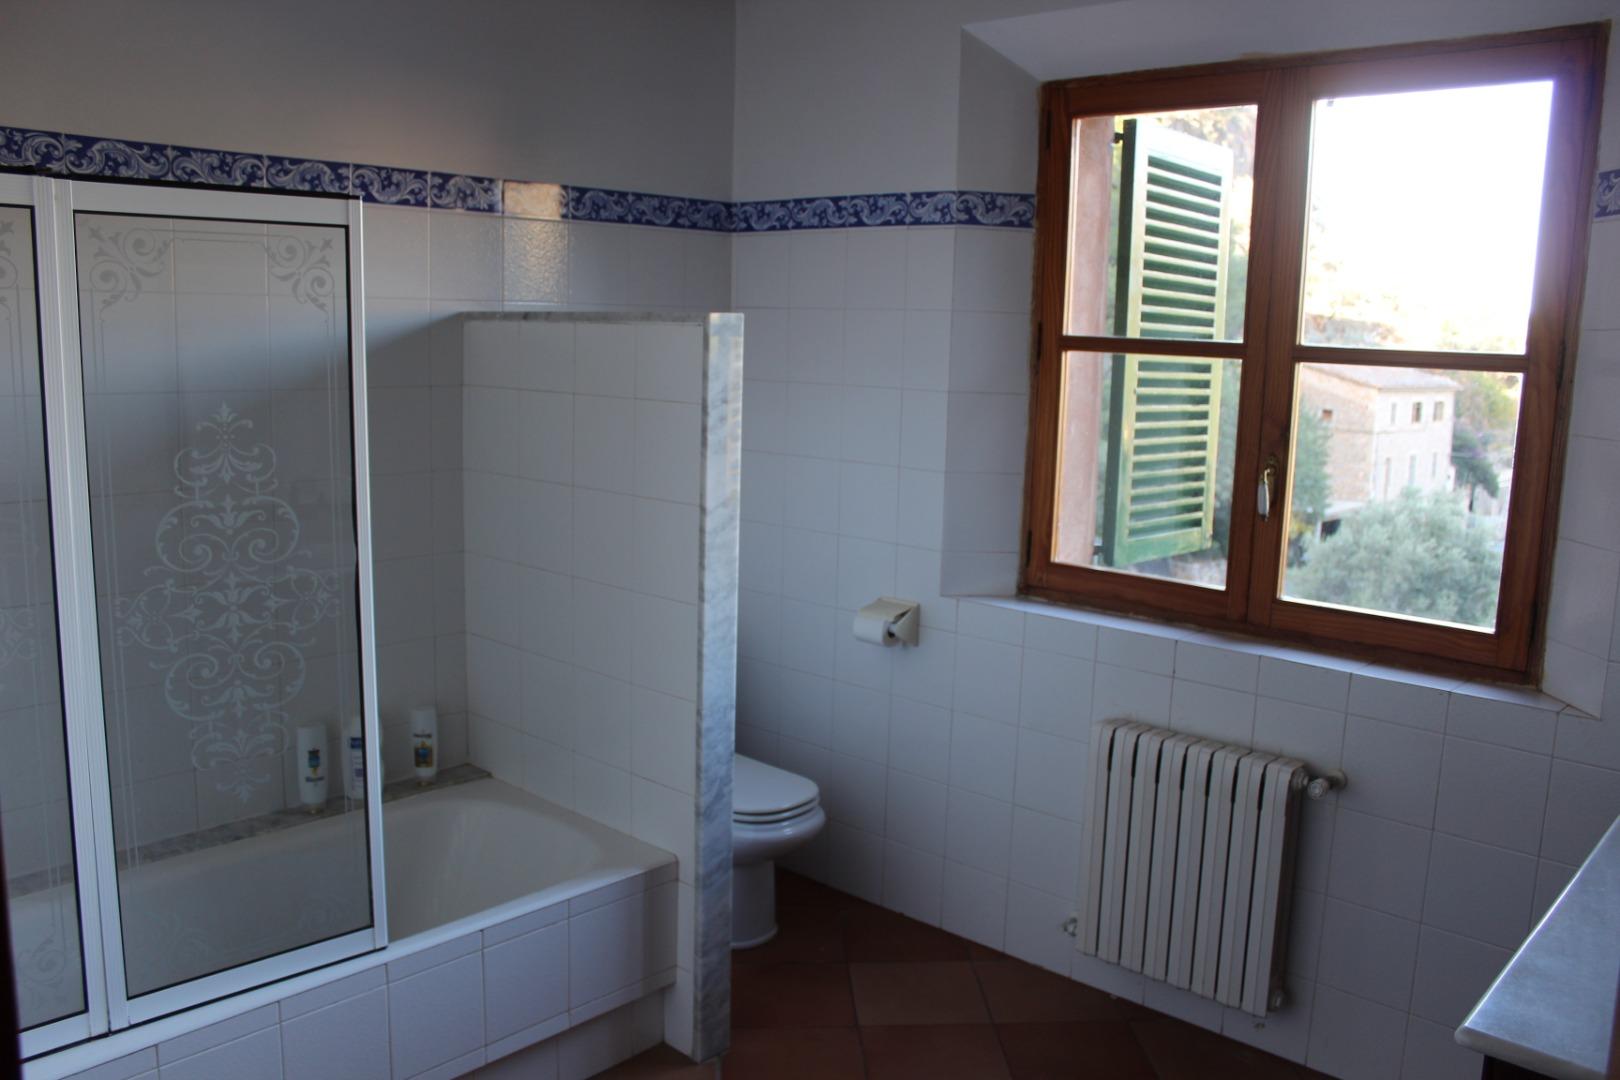 Maison  Carrer archiduque luis salvador. Excelente casa de 270 m2 en solar de 1.500 m2. 1.150.000 €